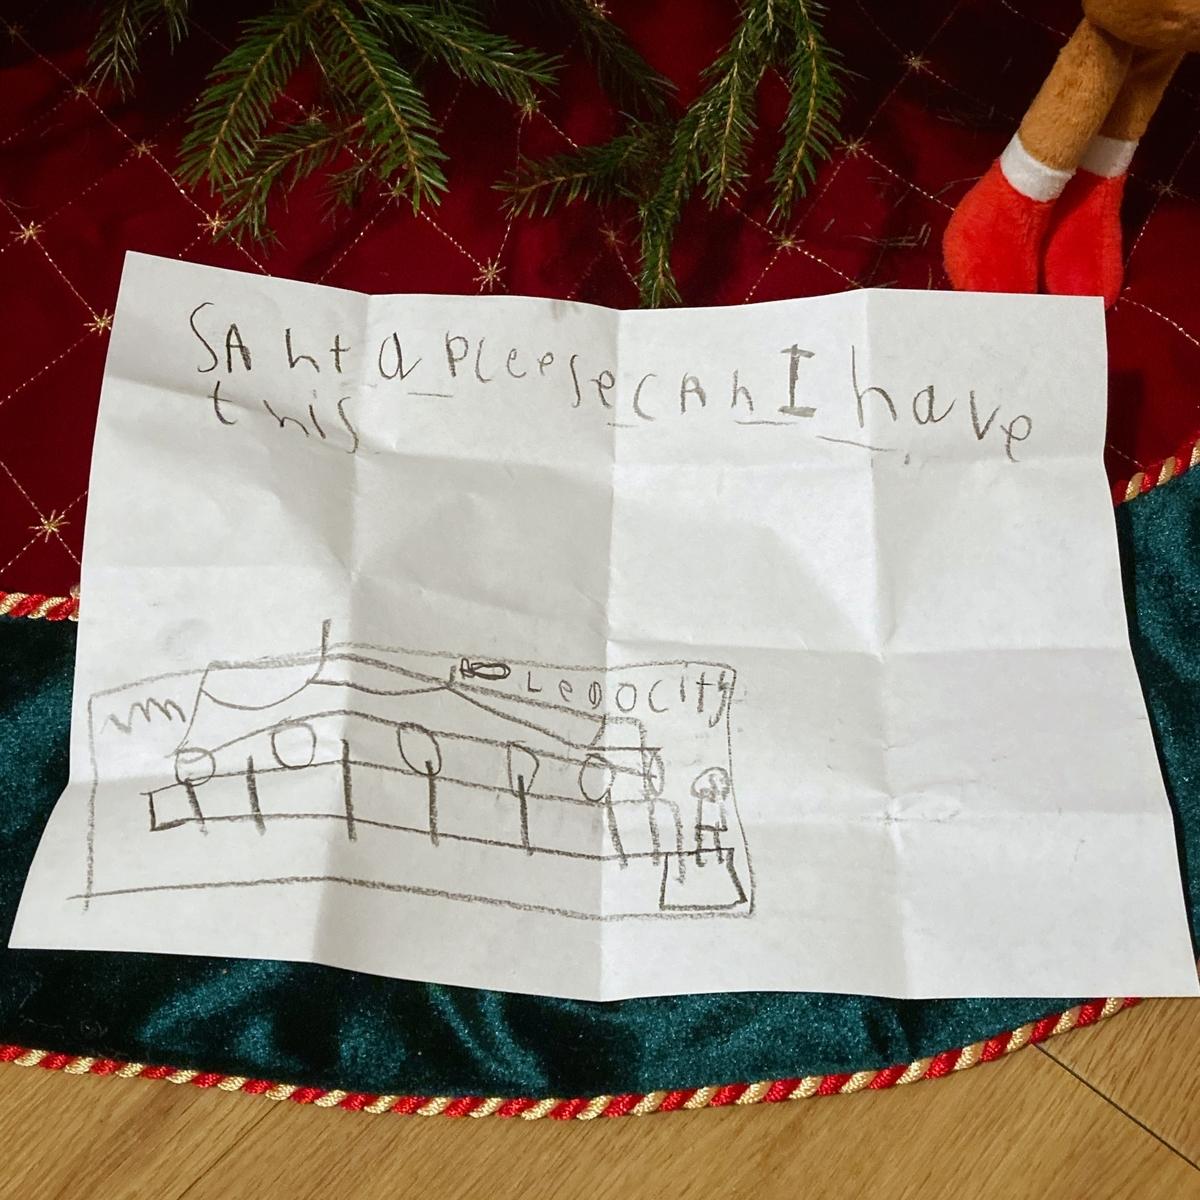 子供が描いたサンタさんへの手紙。電車のレゴの絵。